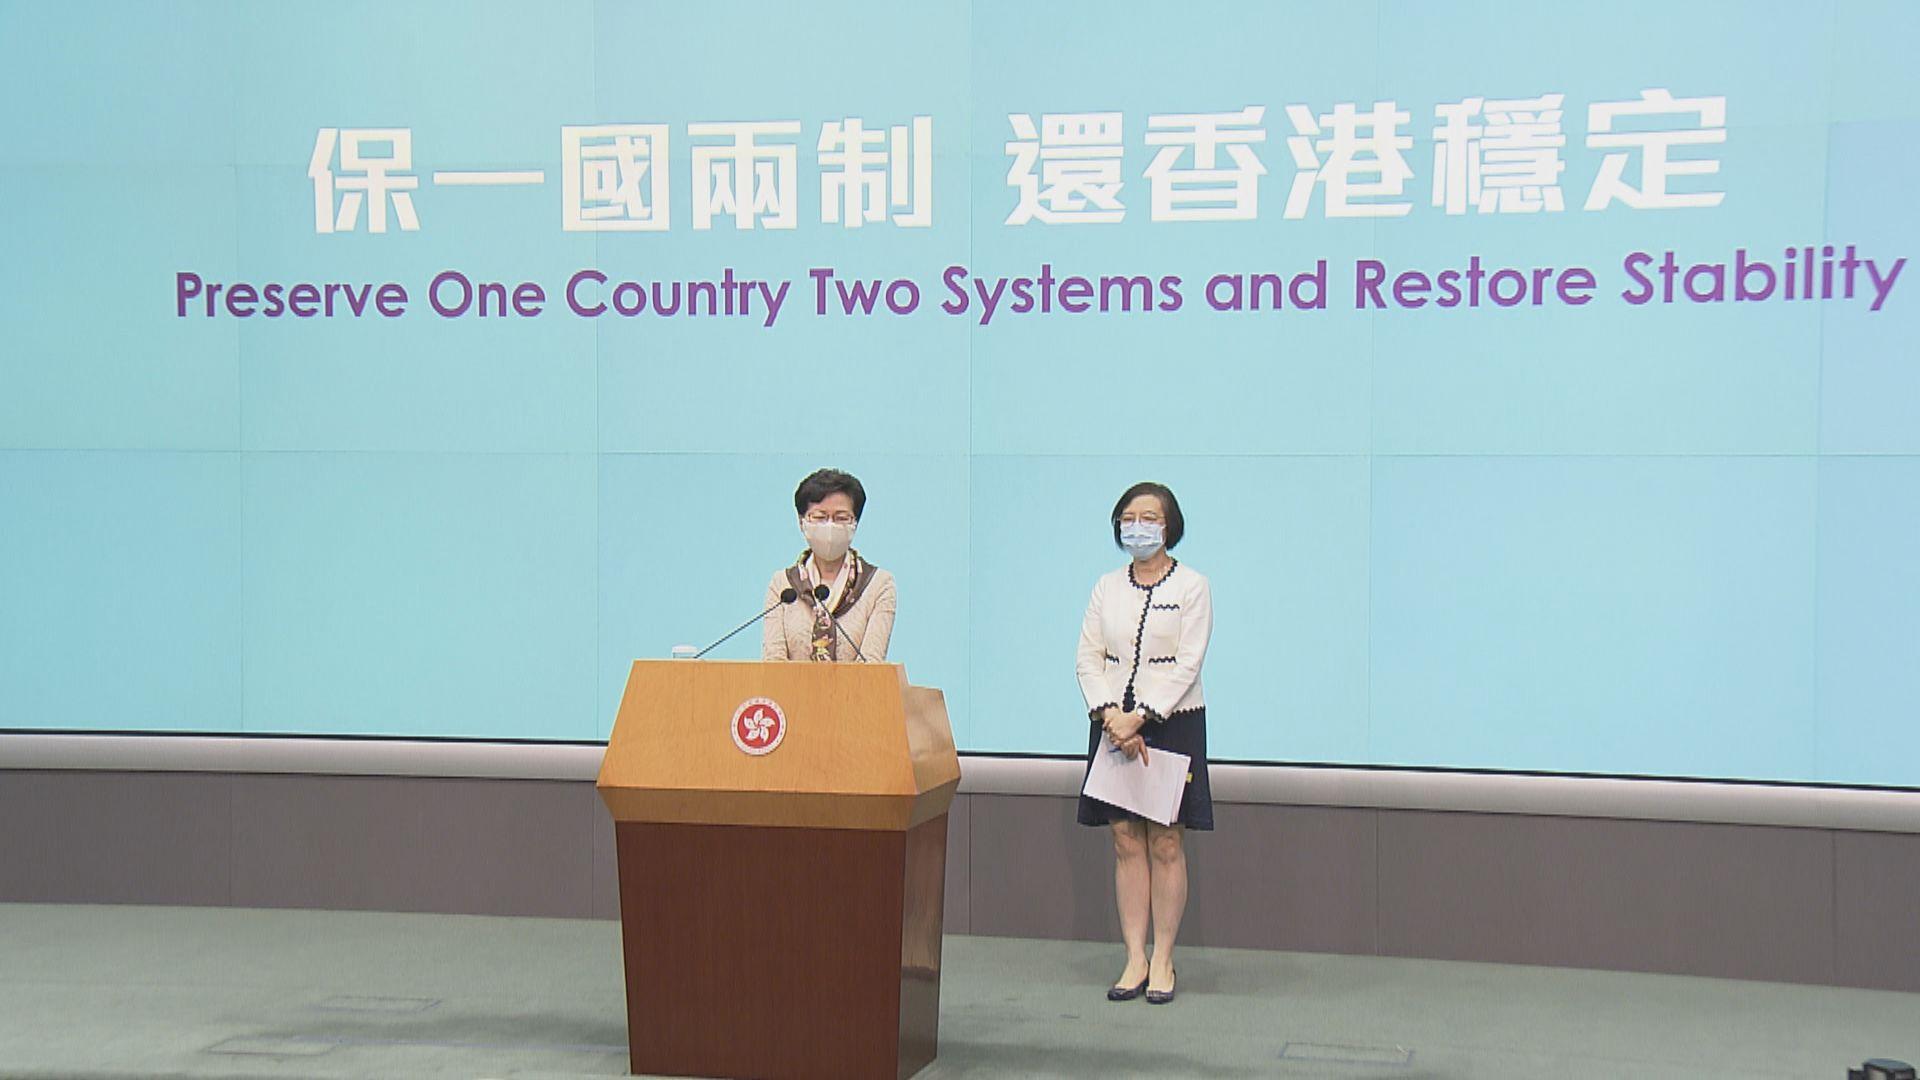 林鄭月娥:會謹慎處理本周四屆滿防疫措施